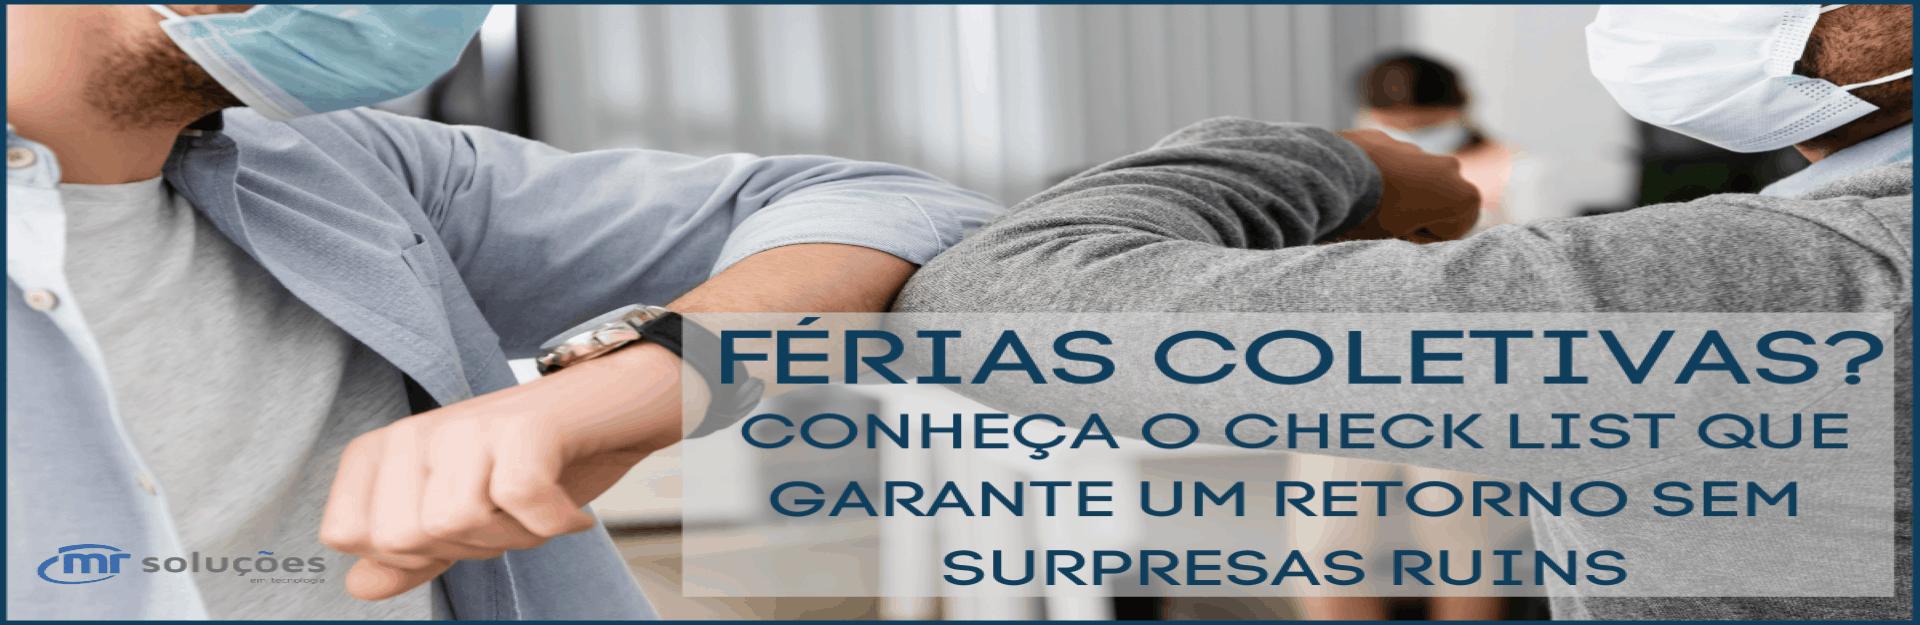 Read more about the article FÉRIAS COLETIVAS? CONHEÇA O CHECK LIST QUE GARANTE UM RETORNO SEM SURPRESAS RUINS